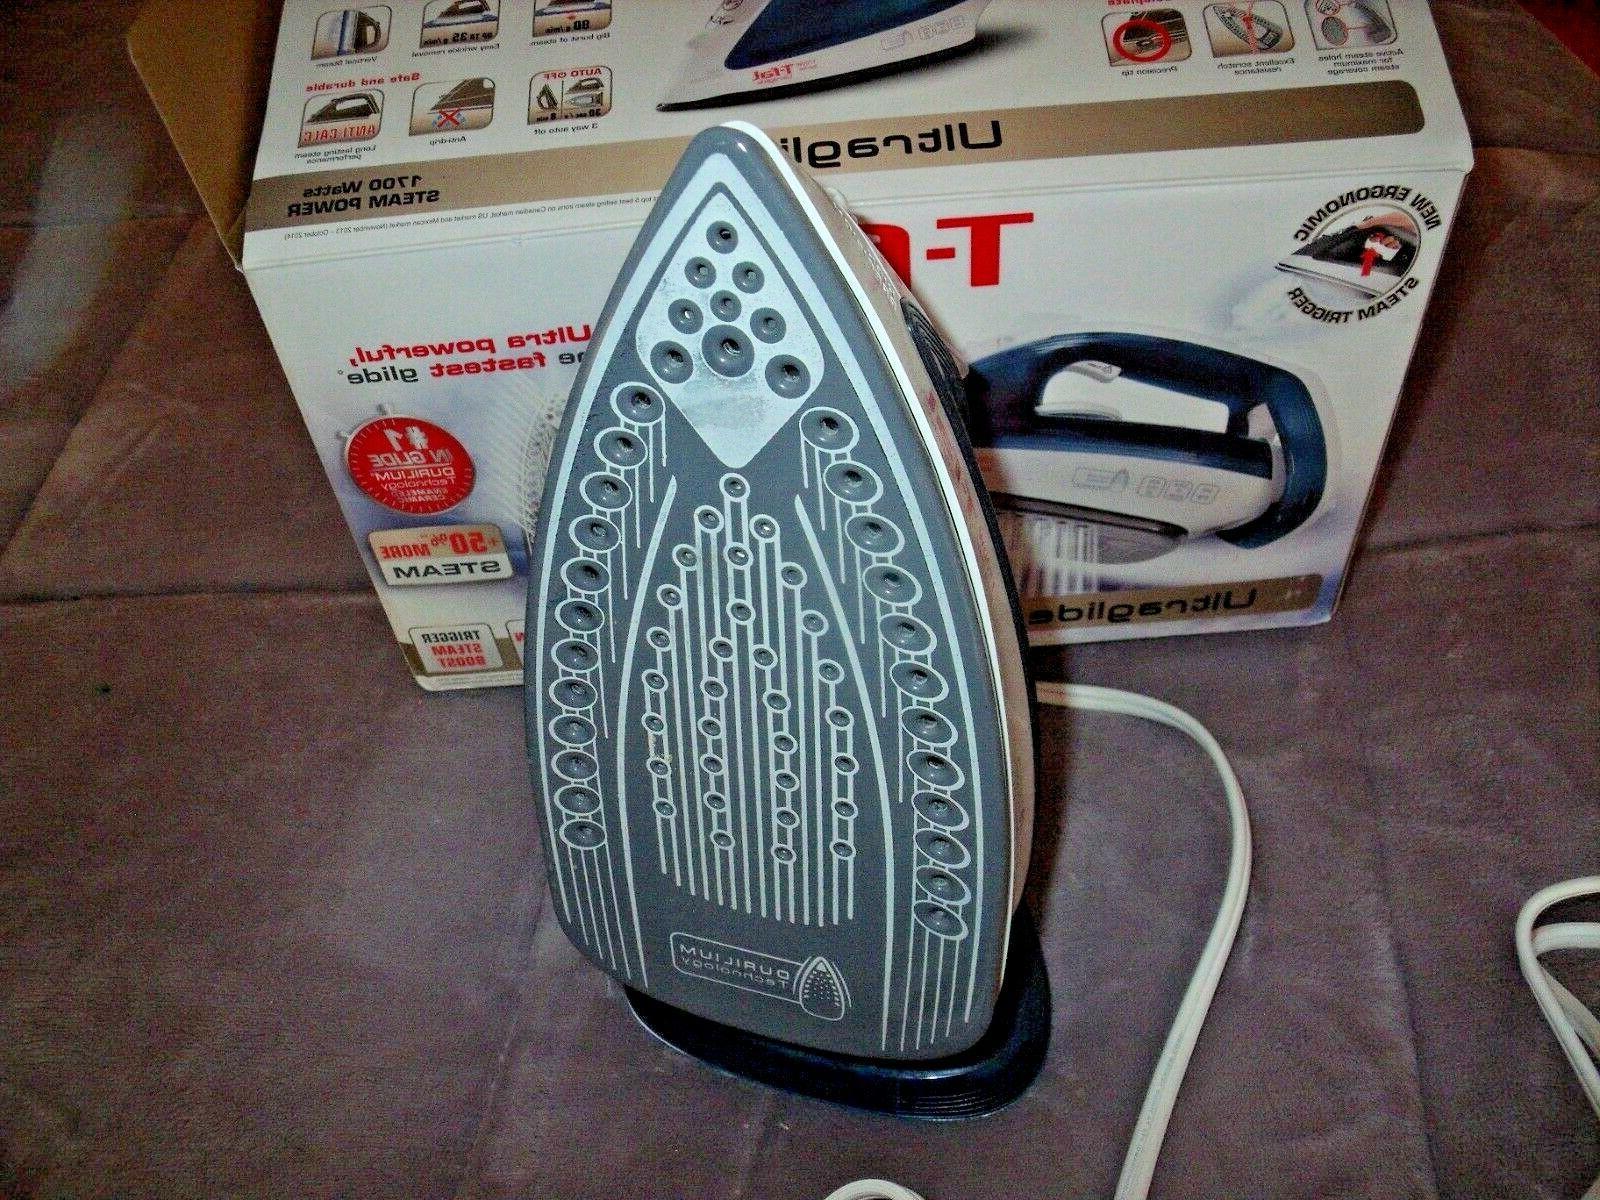 NEW T-FAL IRON 1700 Watts Ceramic AUTO In BOX